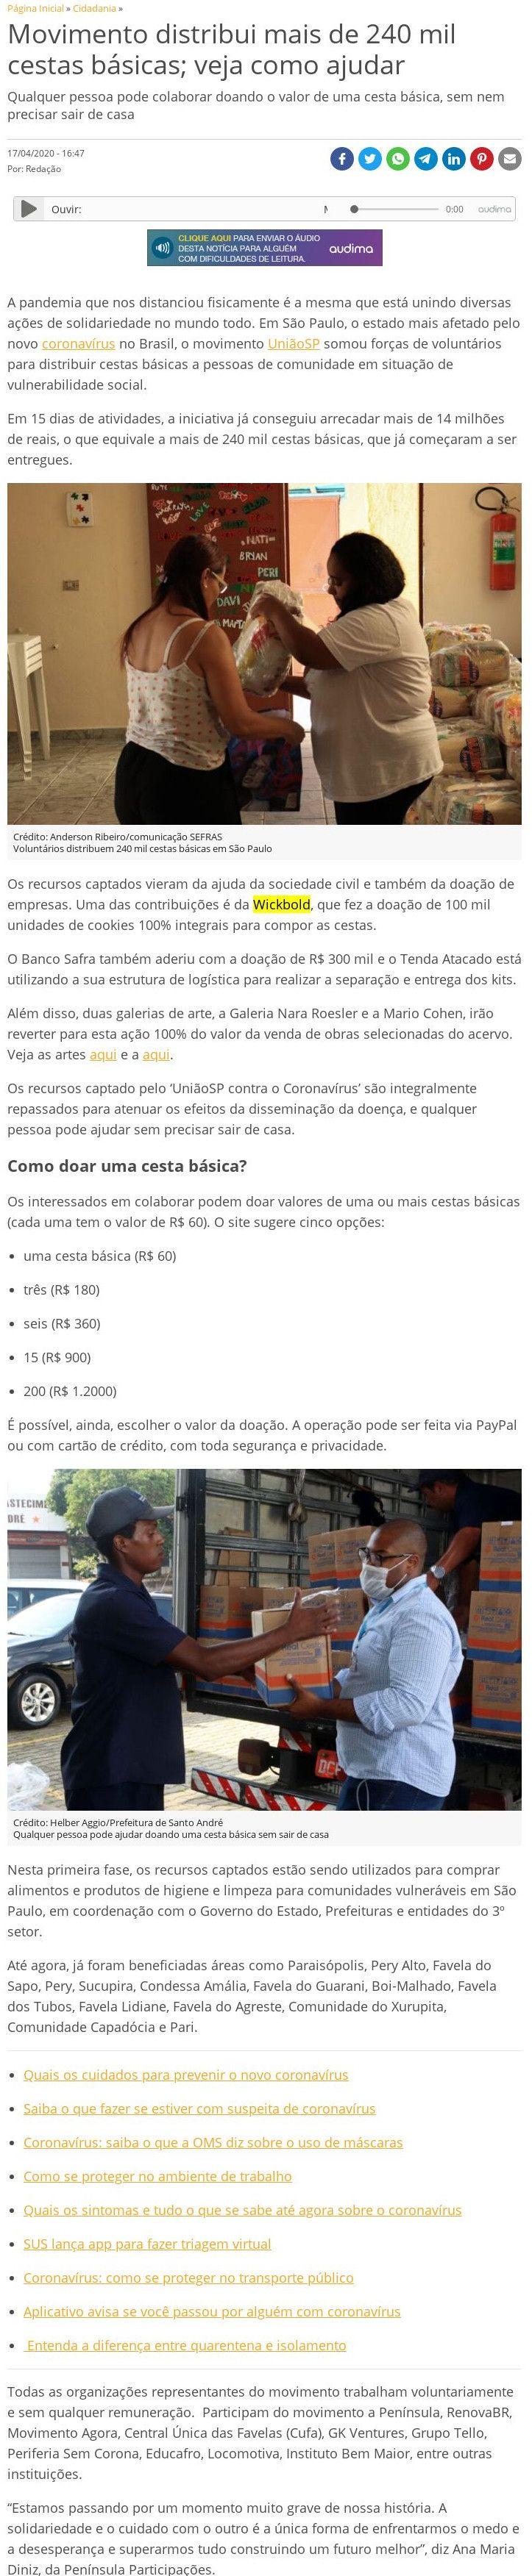 Movimento distribui mais de 240 mil cestas básicas; veja como ajudar - Catraca Livre